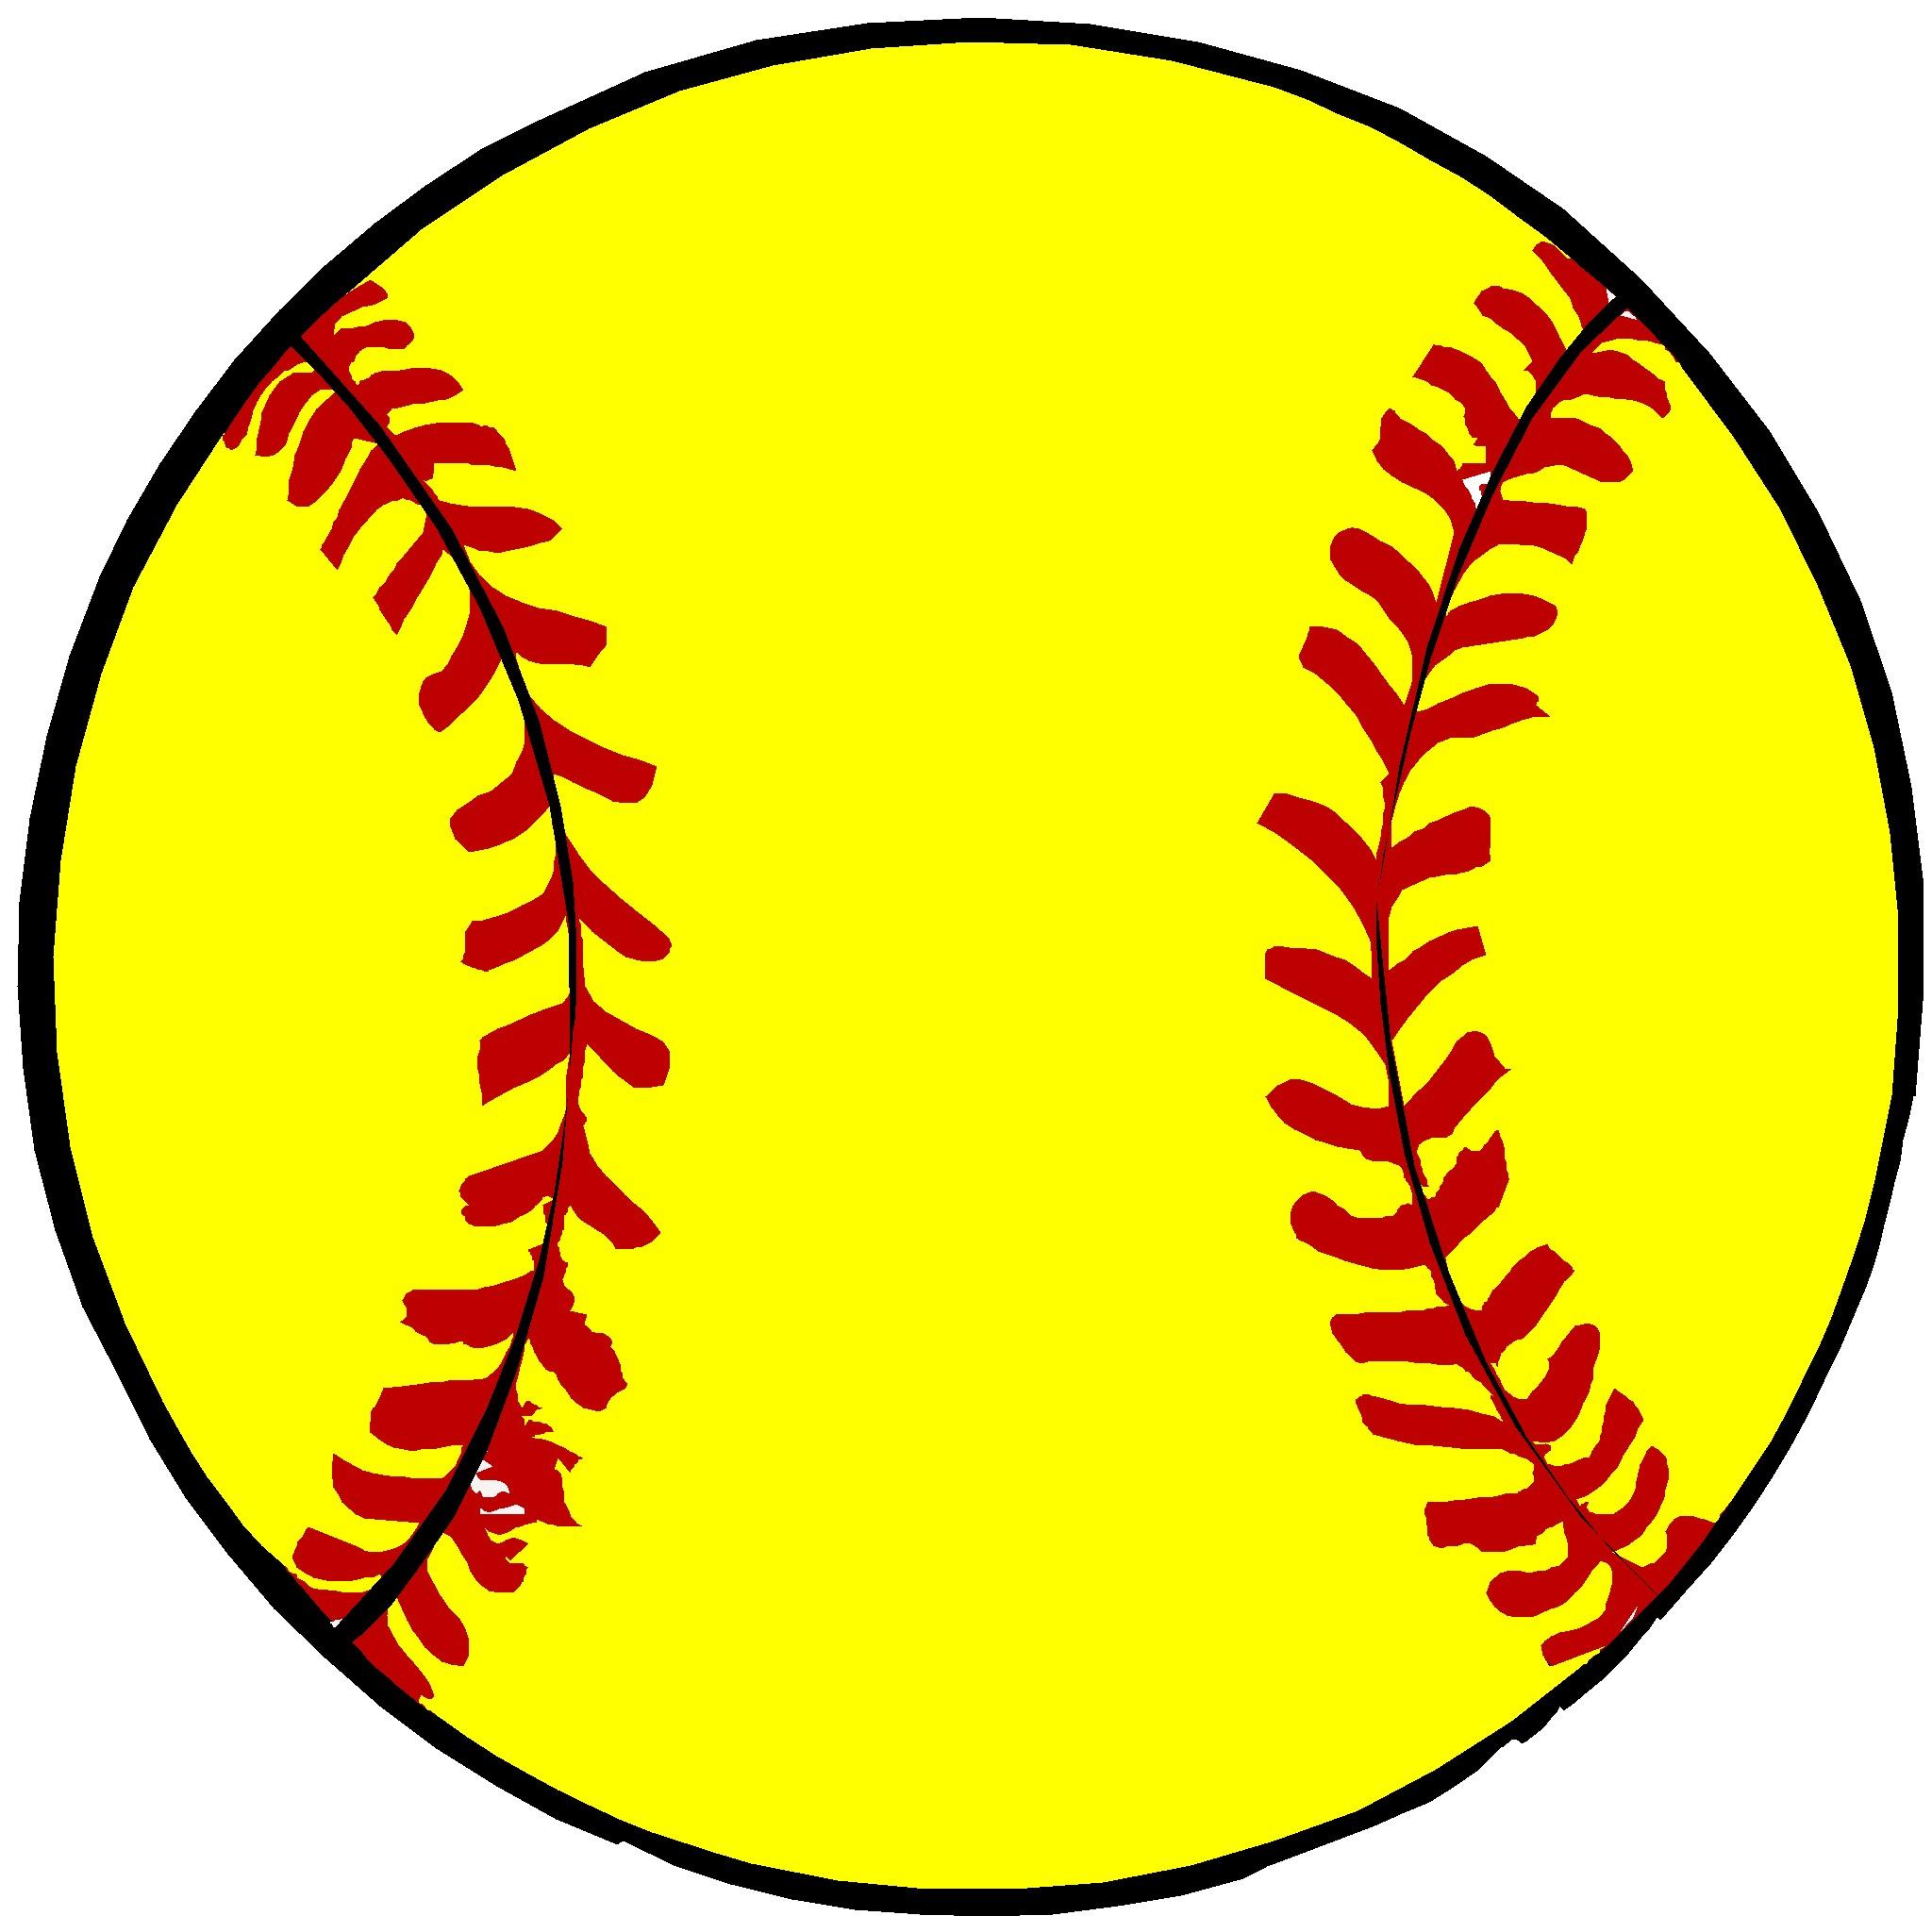 Ball . Balls clipart softball